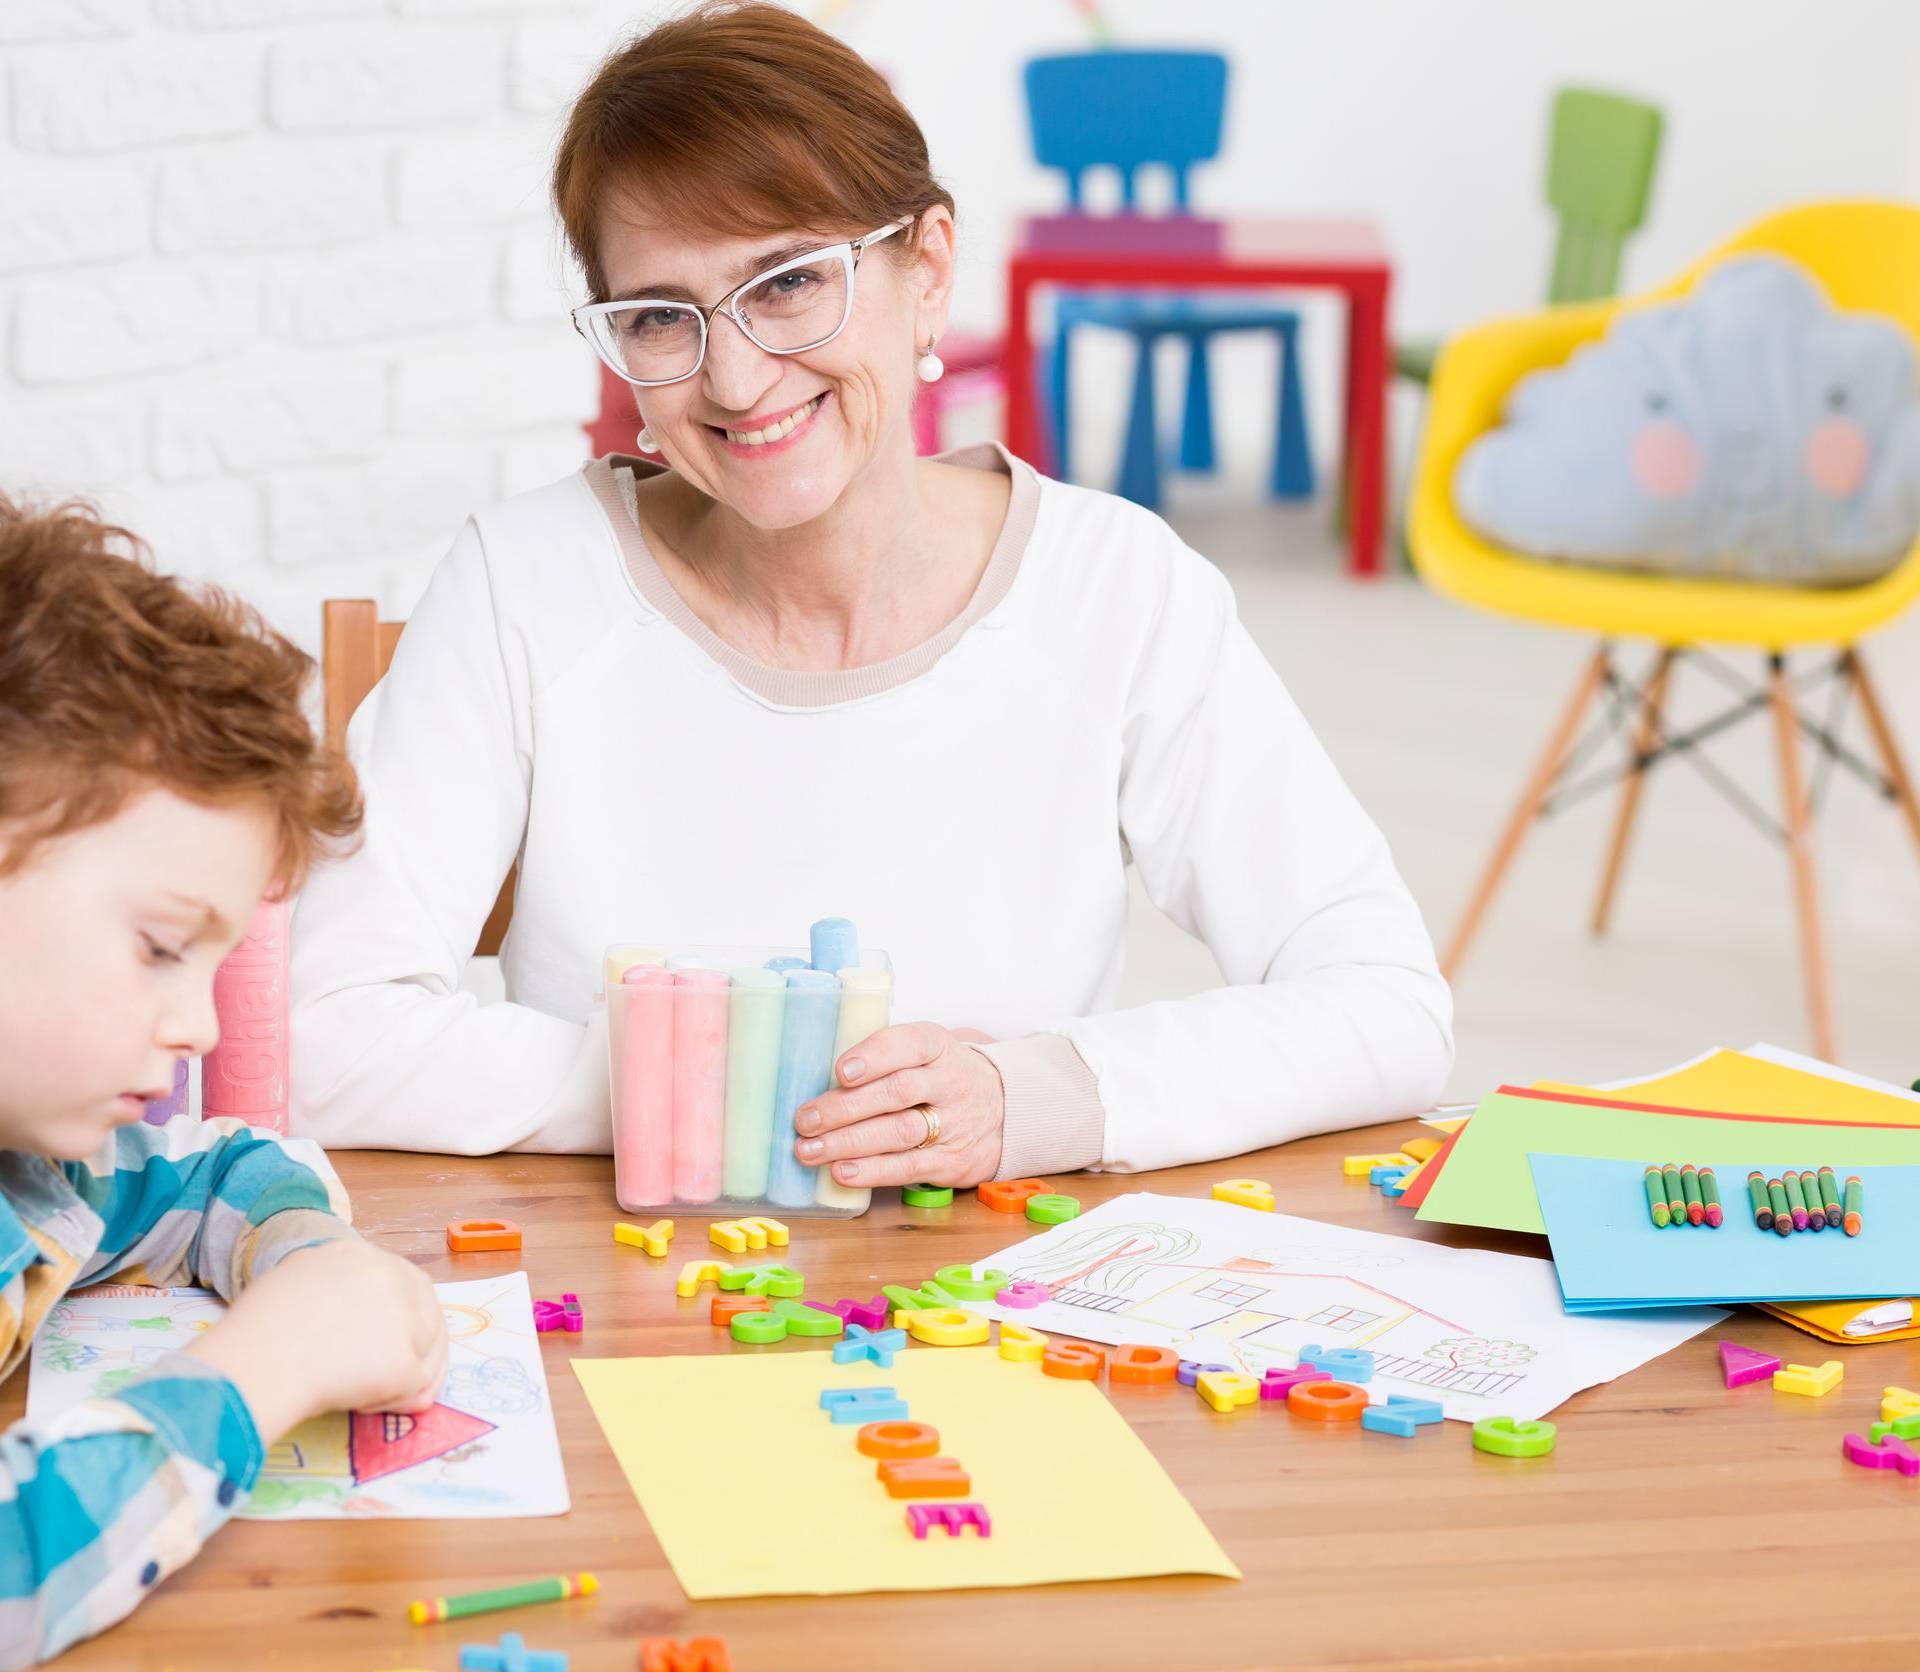 Nove spoznaje: Upale bi mogle biti glavni okidač za autizam